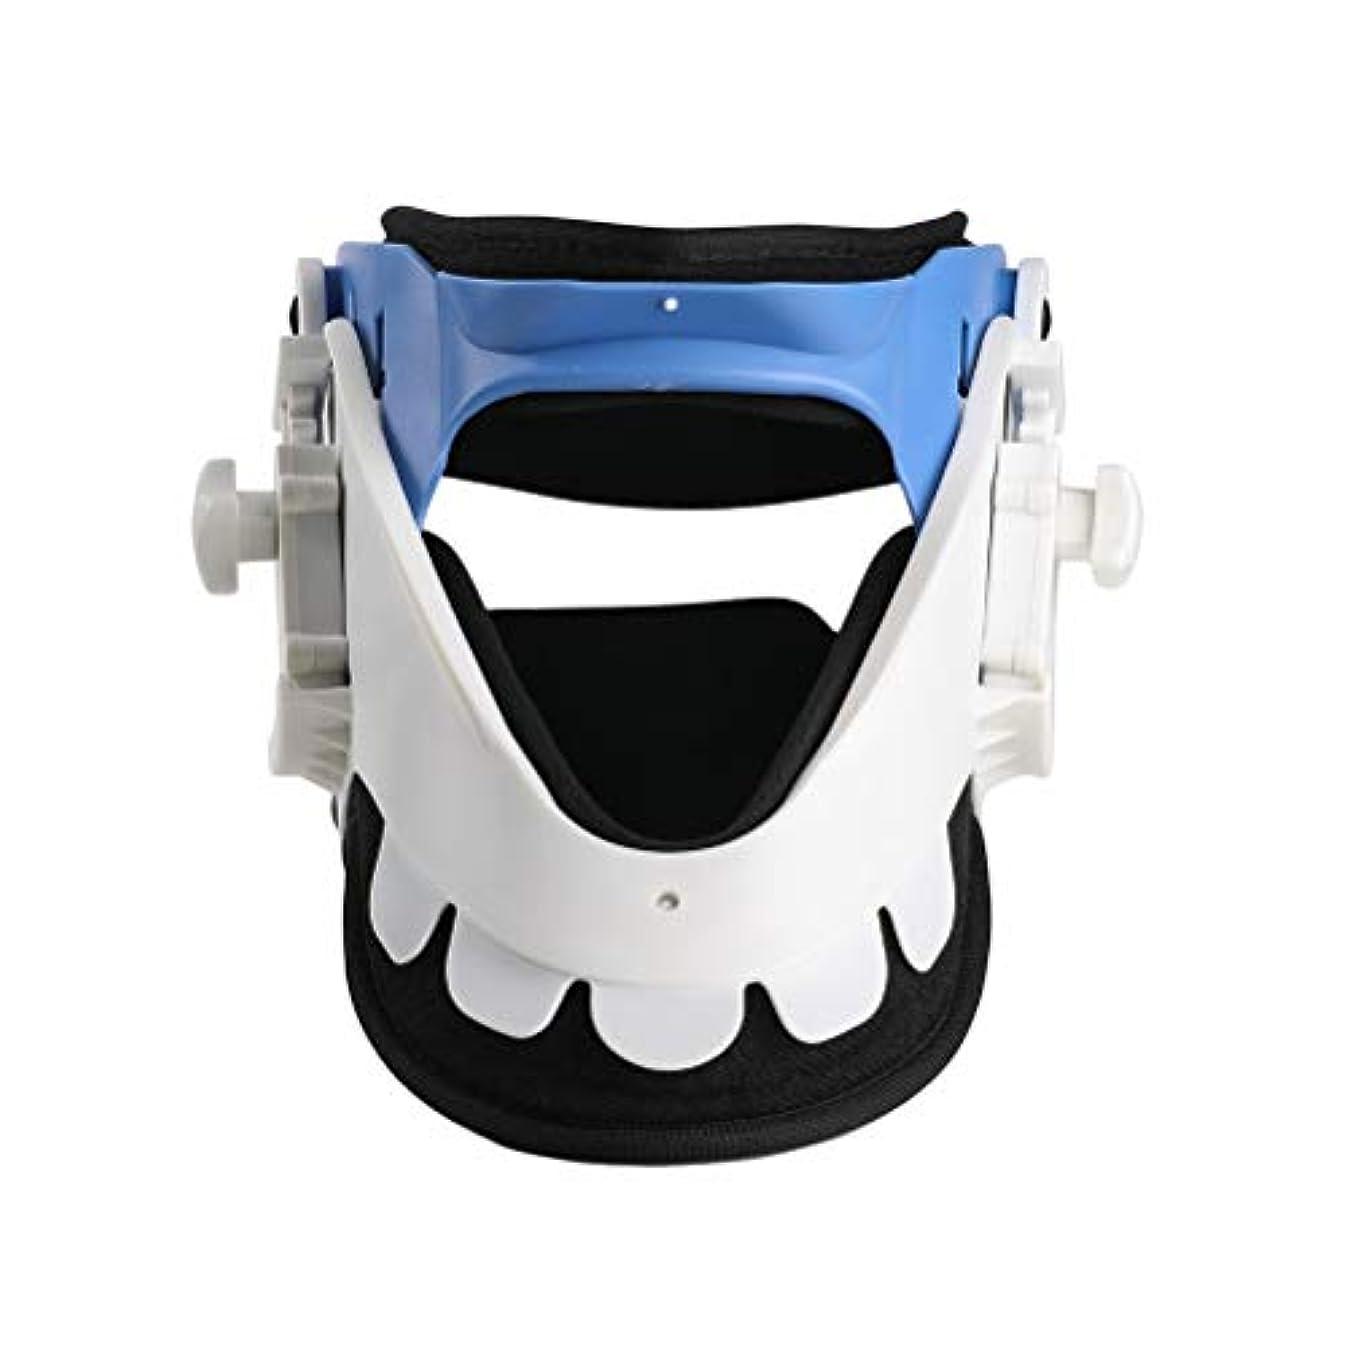 背の高い首謀者サイドボードHealiftyネックブレースサポート頚部襟堅い首の痛みを軽減する首の健康管理